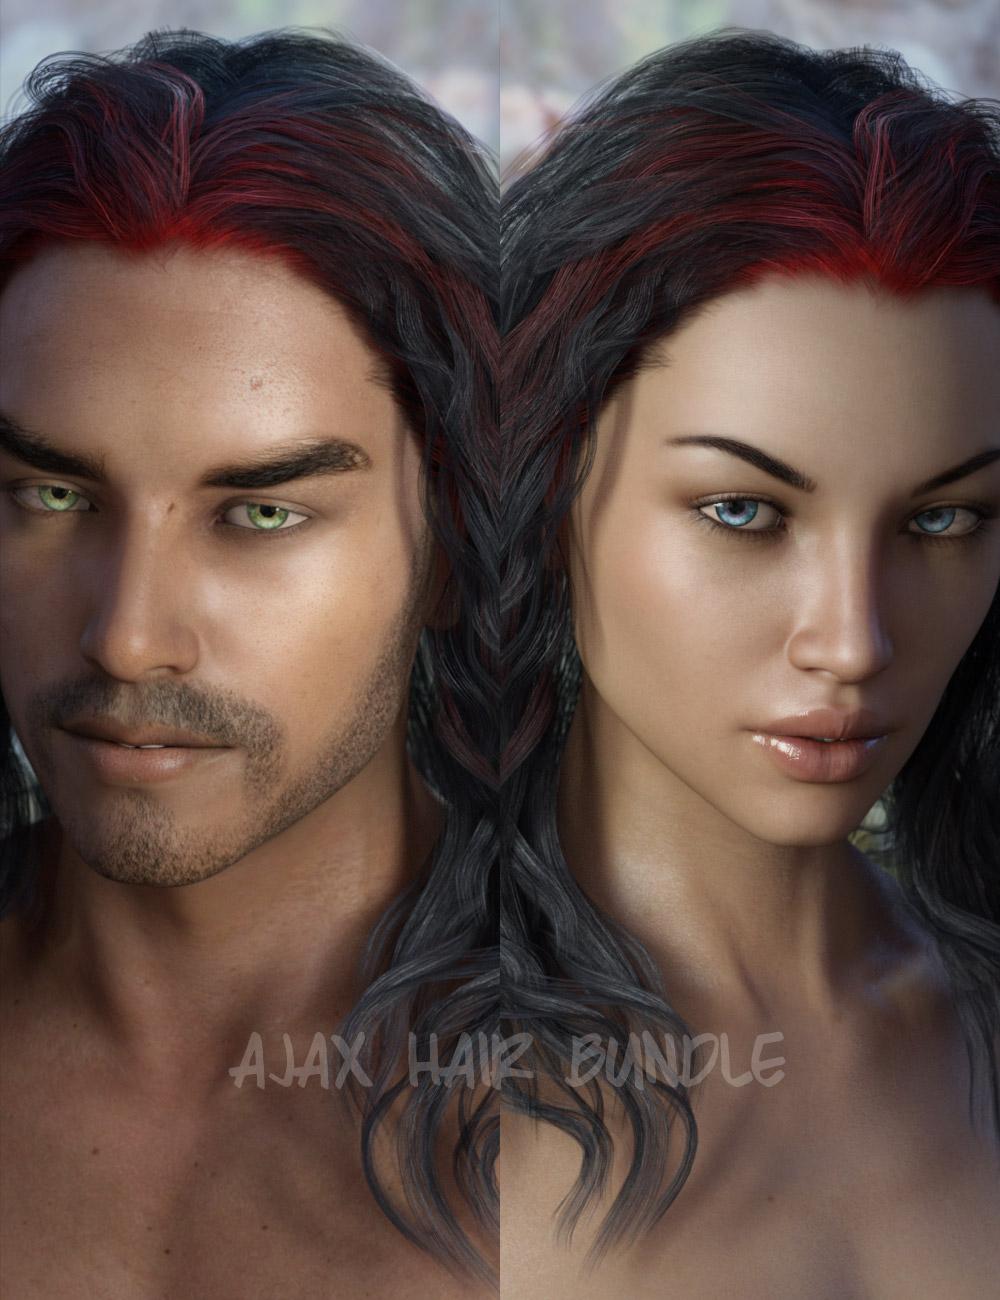 Ajax Hair Bundle for Genesis 3 by: AprilYSH, 3D Models by Daz 3D